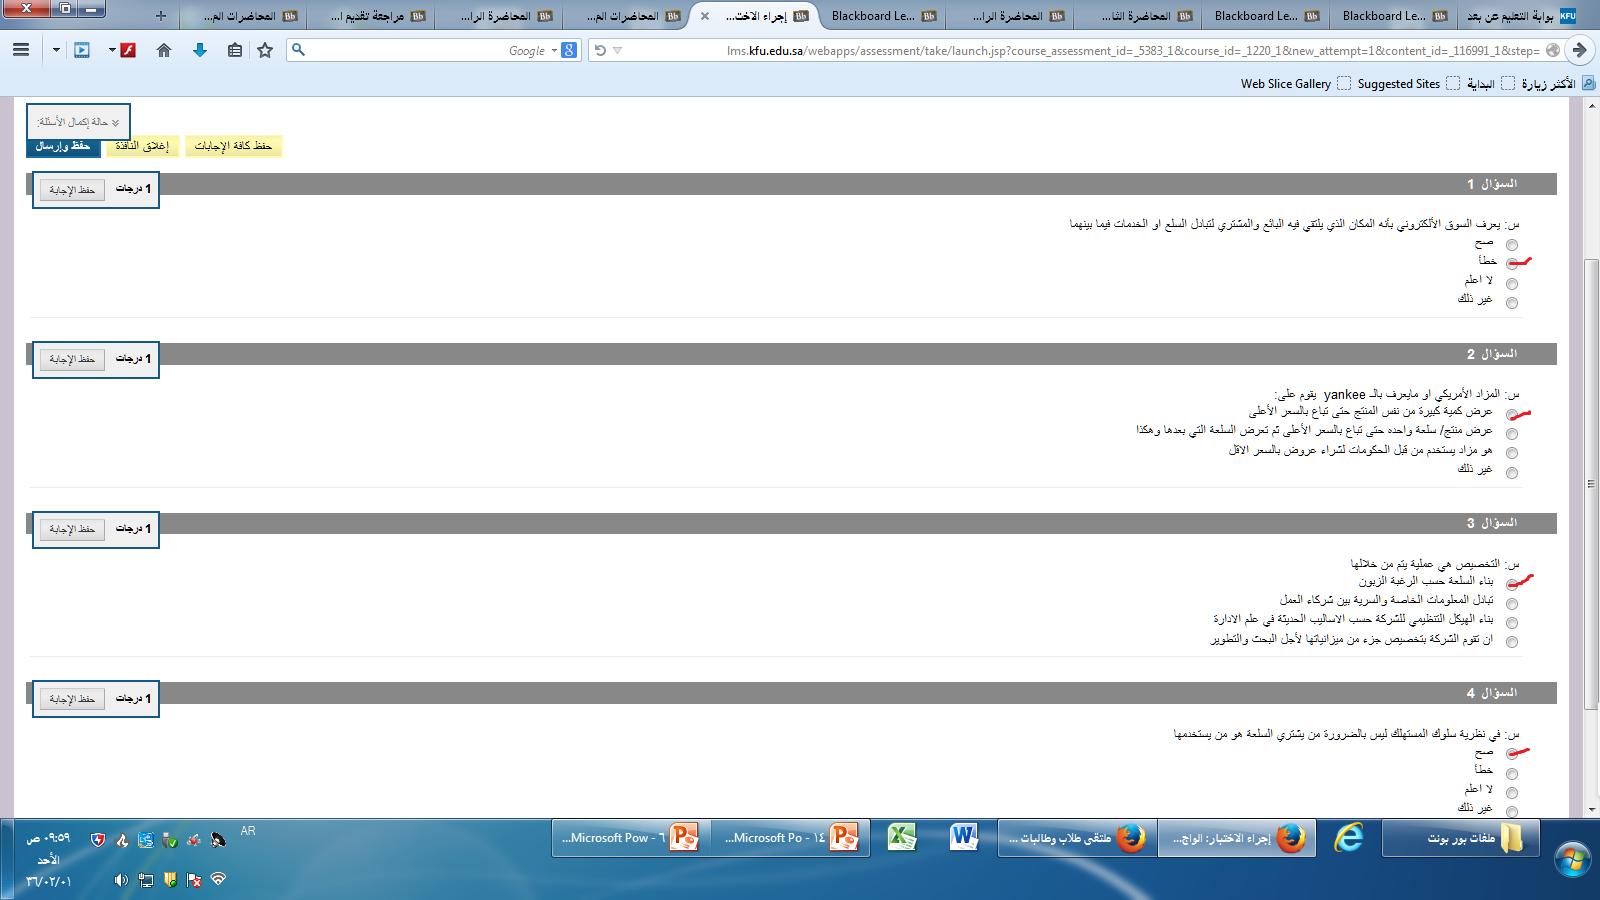 اعلان دورة إدارة الأعمال الإلكترونية مقدمة من مركز فلسطين للتدريب والدراسات